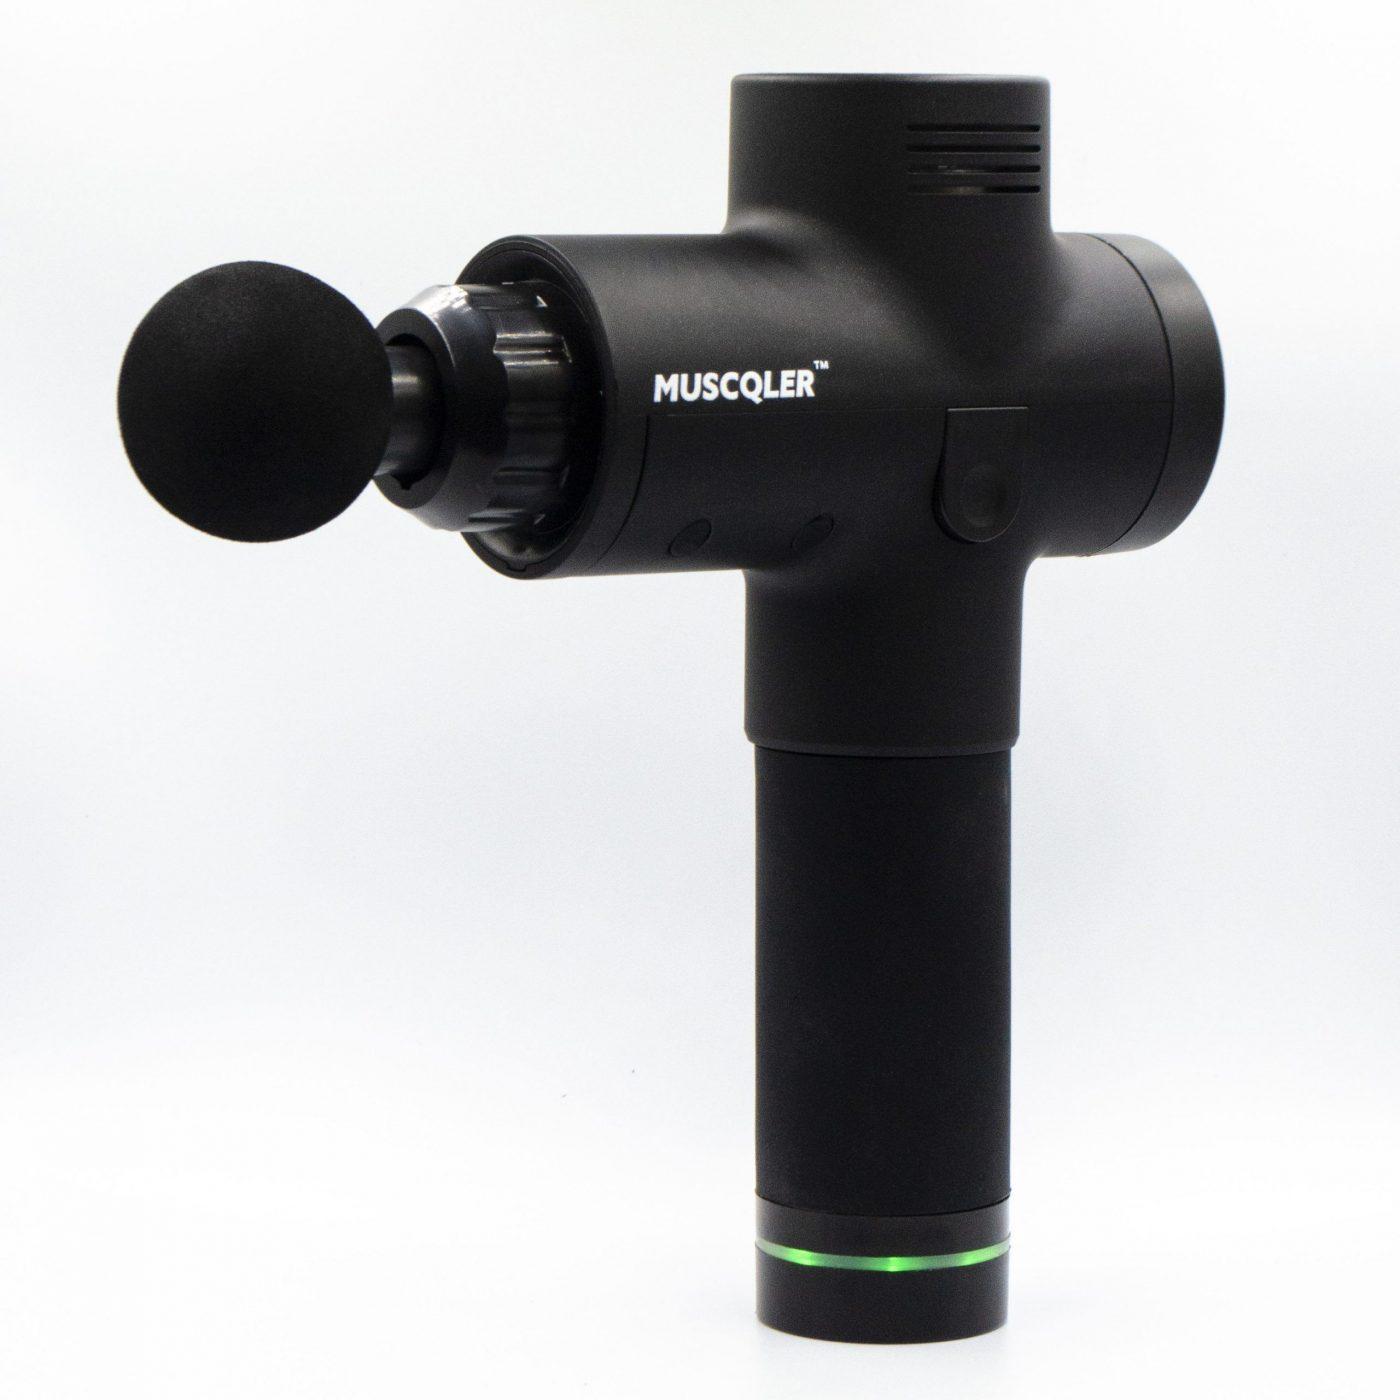 MUSCQLER™ Pro Fit Massage Gun